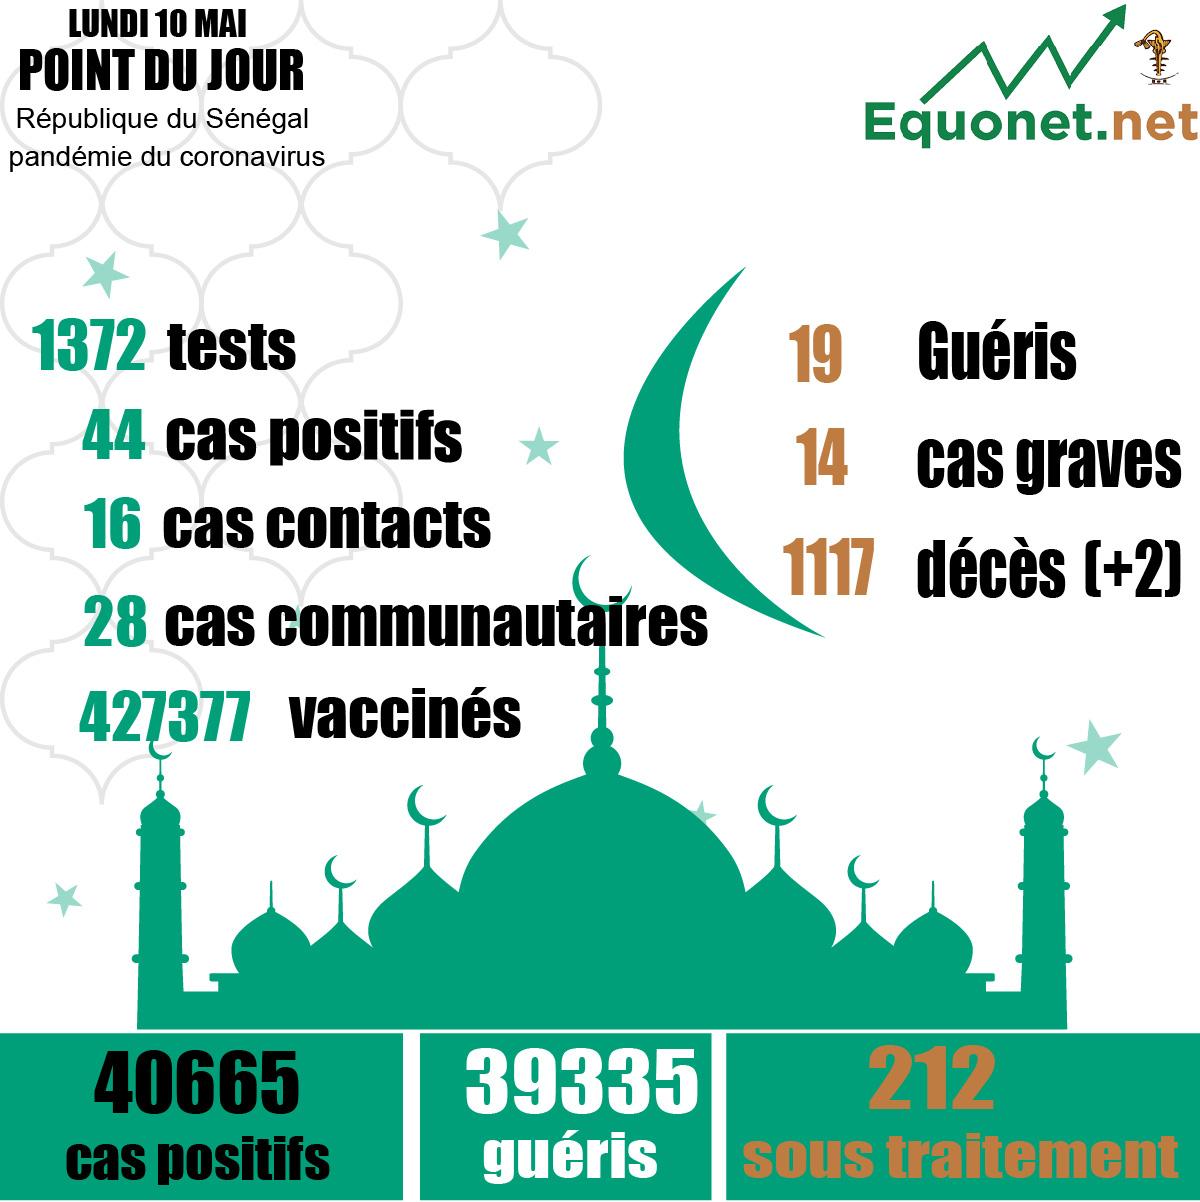 pandémie du coronavirus-covid-19 au sénégal : 20 cas communautaires et 02 décès enregistrés ce lundi 10 mai 2021